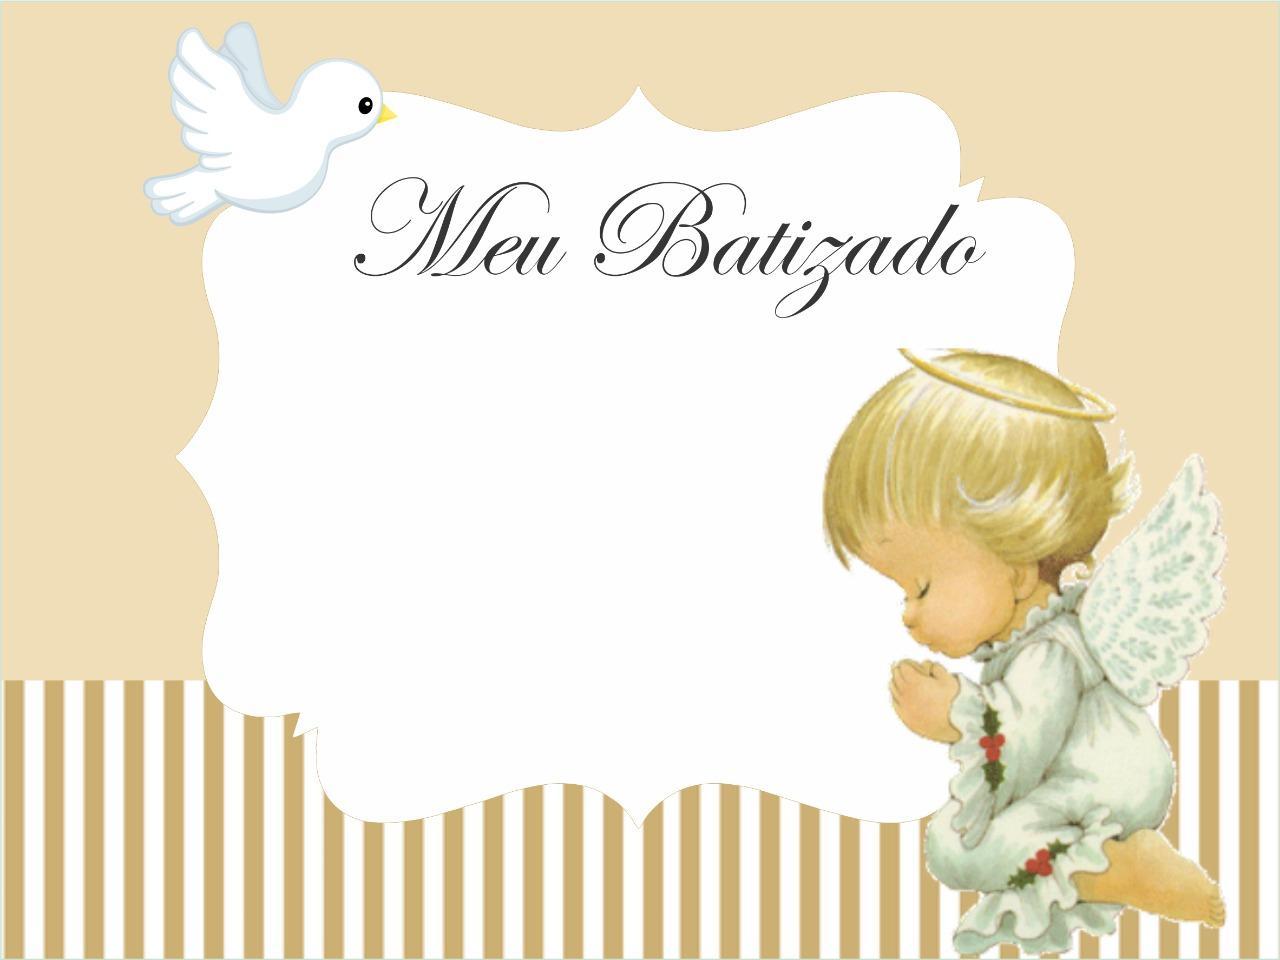 convite anjinho batizado